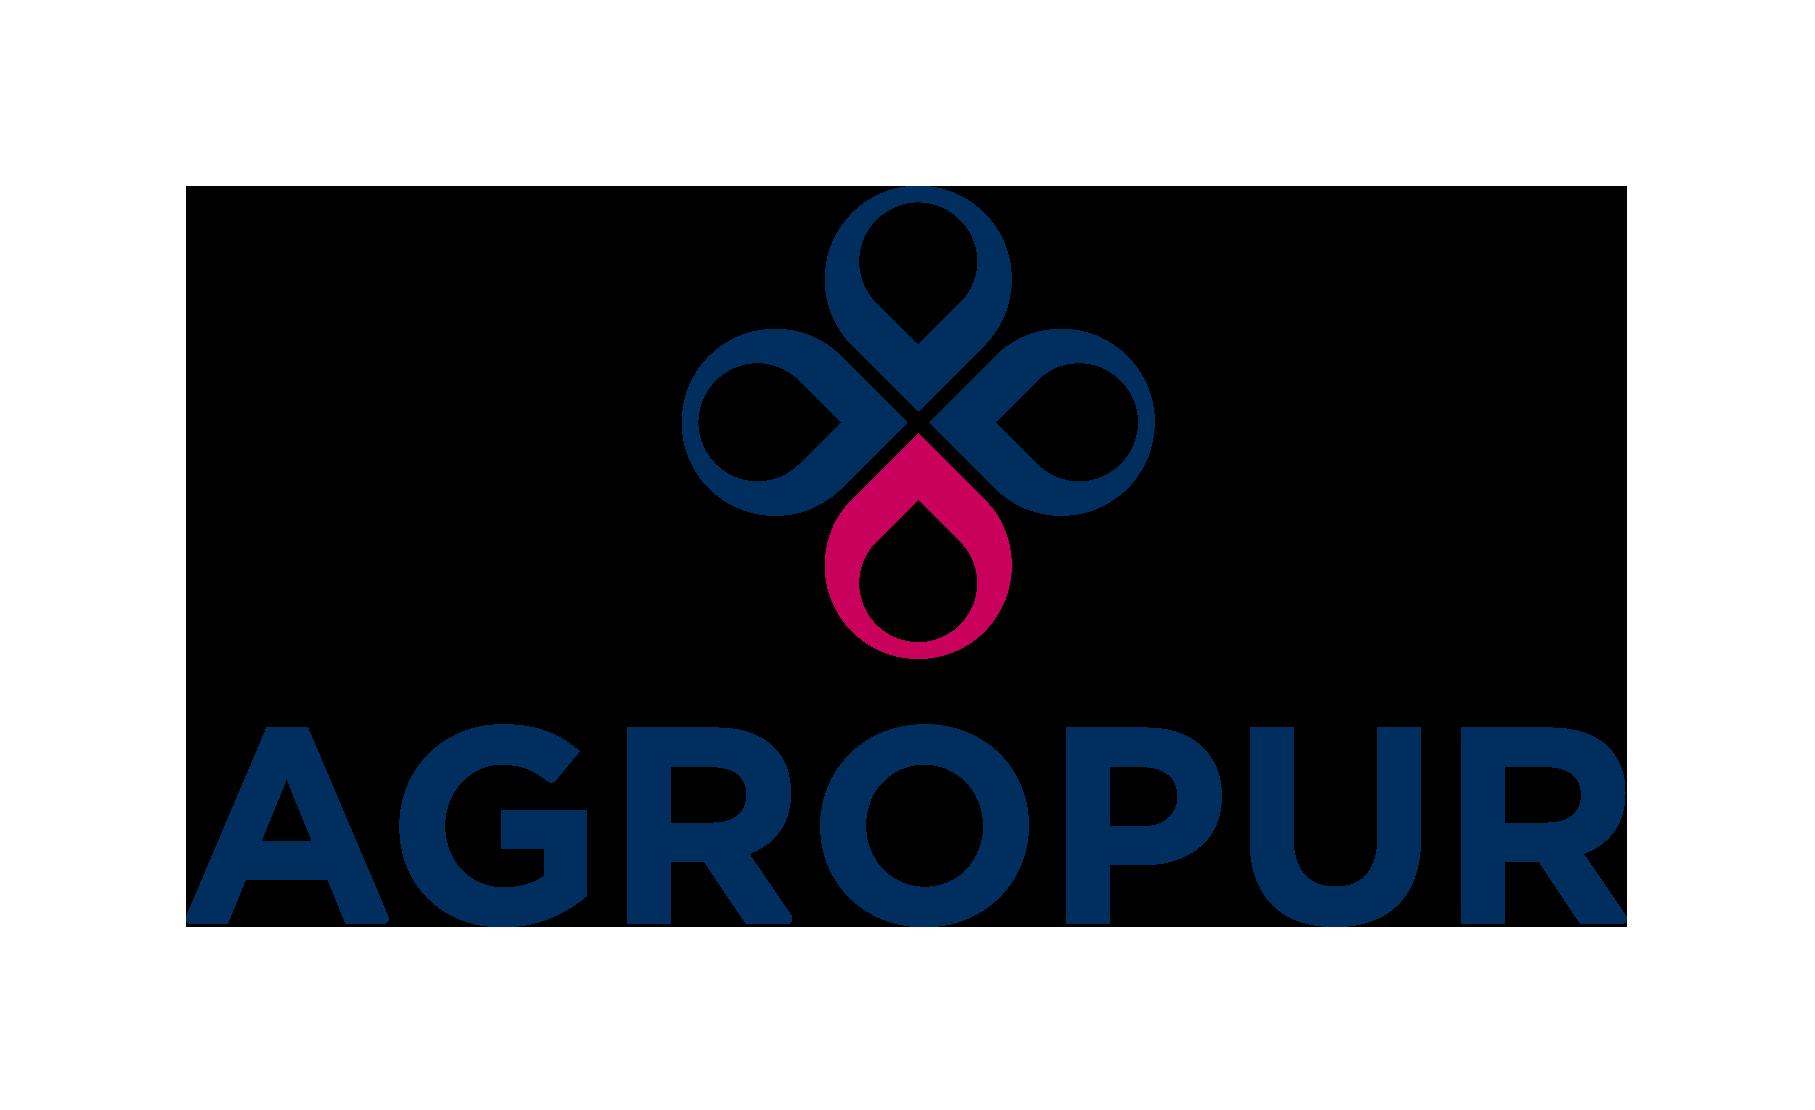 1_Agropur_logo-2018.png